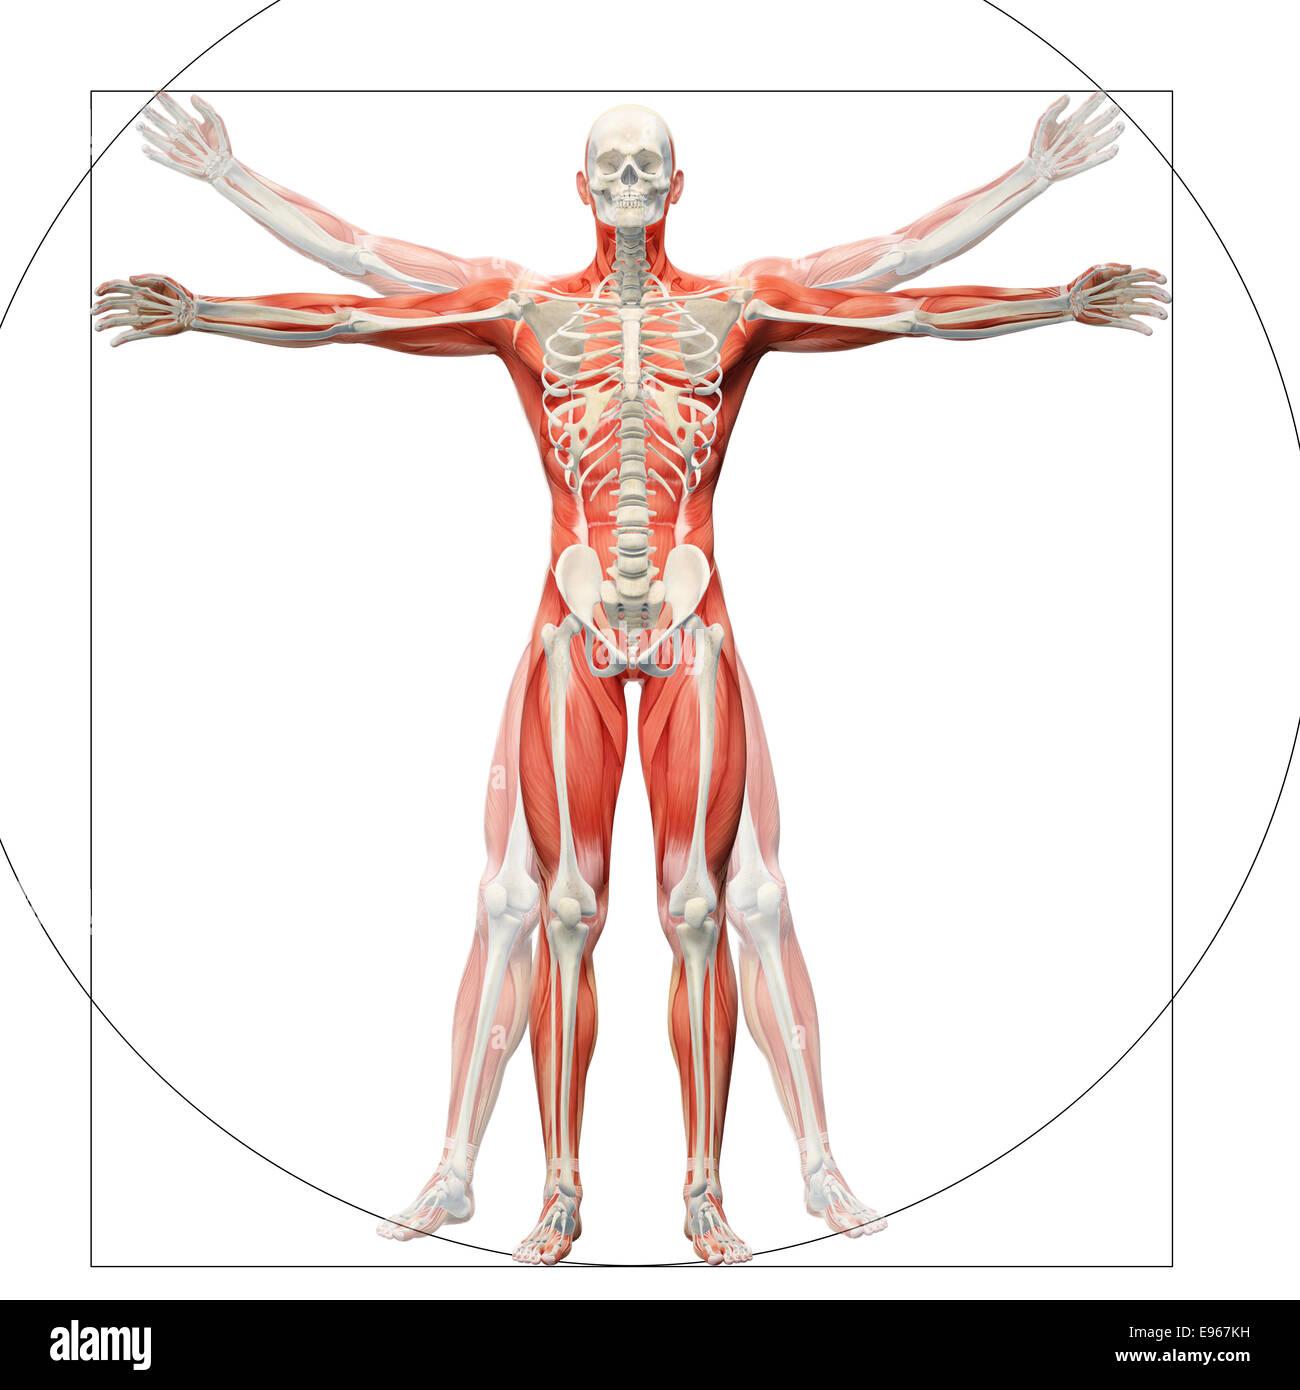 Anatomia umana visualizzato come l'uomo vitruviano di Leonardo da Vinci Immagini Stock